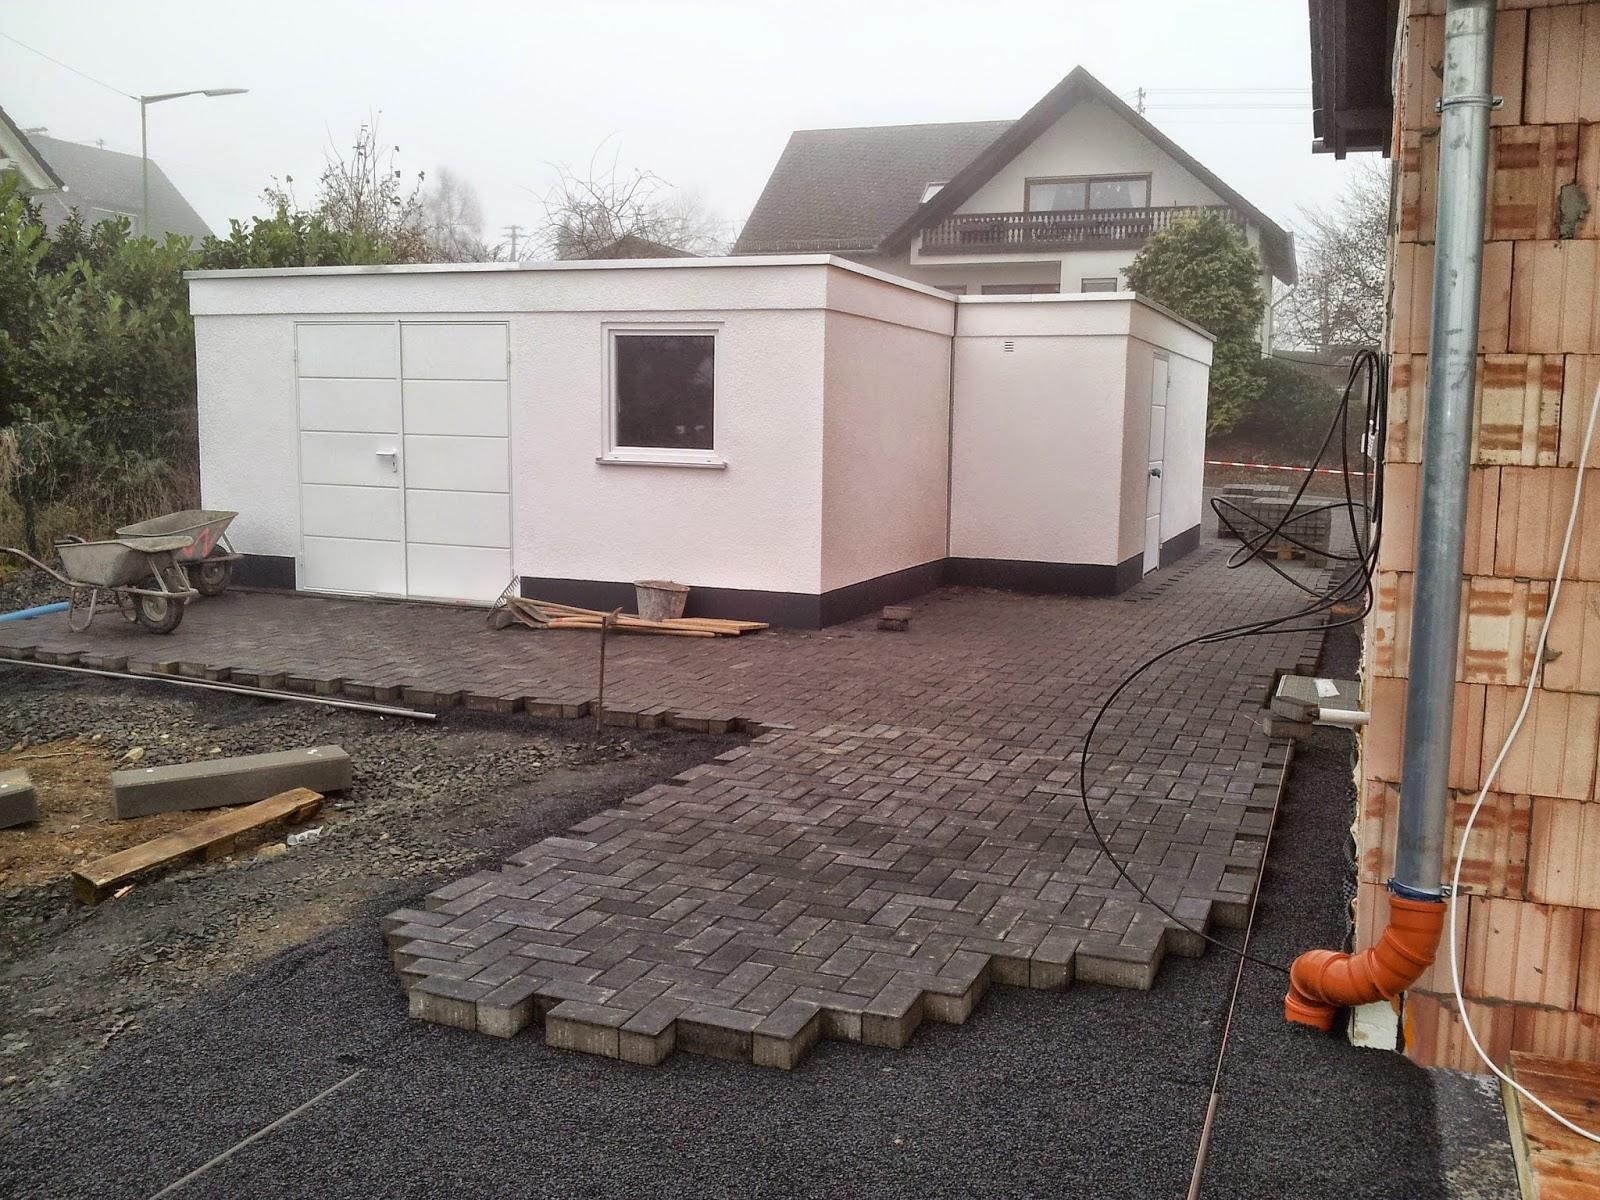 unser architektenhaus in ak garageneinfahrt gepflastert. Black Bedroom Furniture Sets. Home Design Ideas